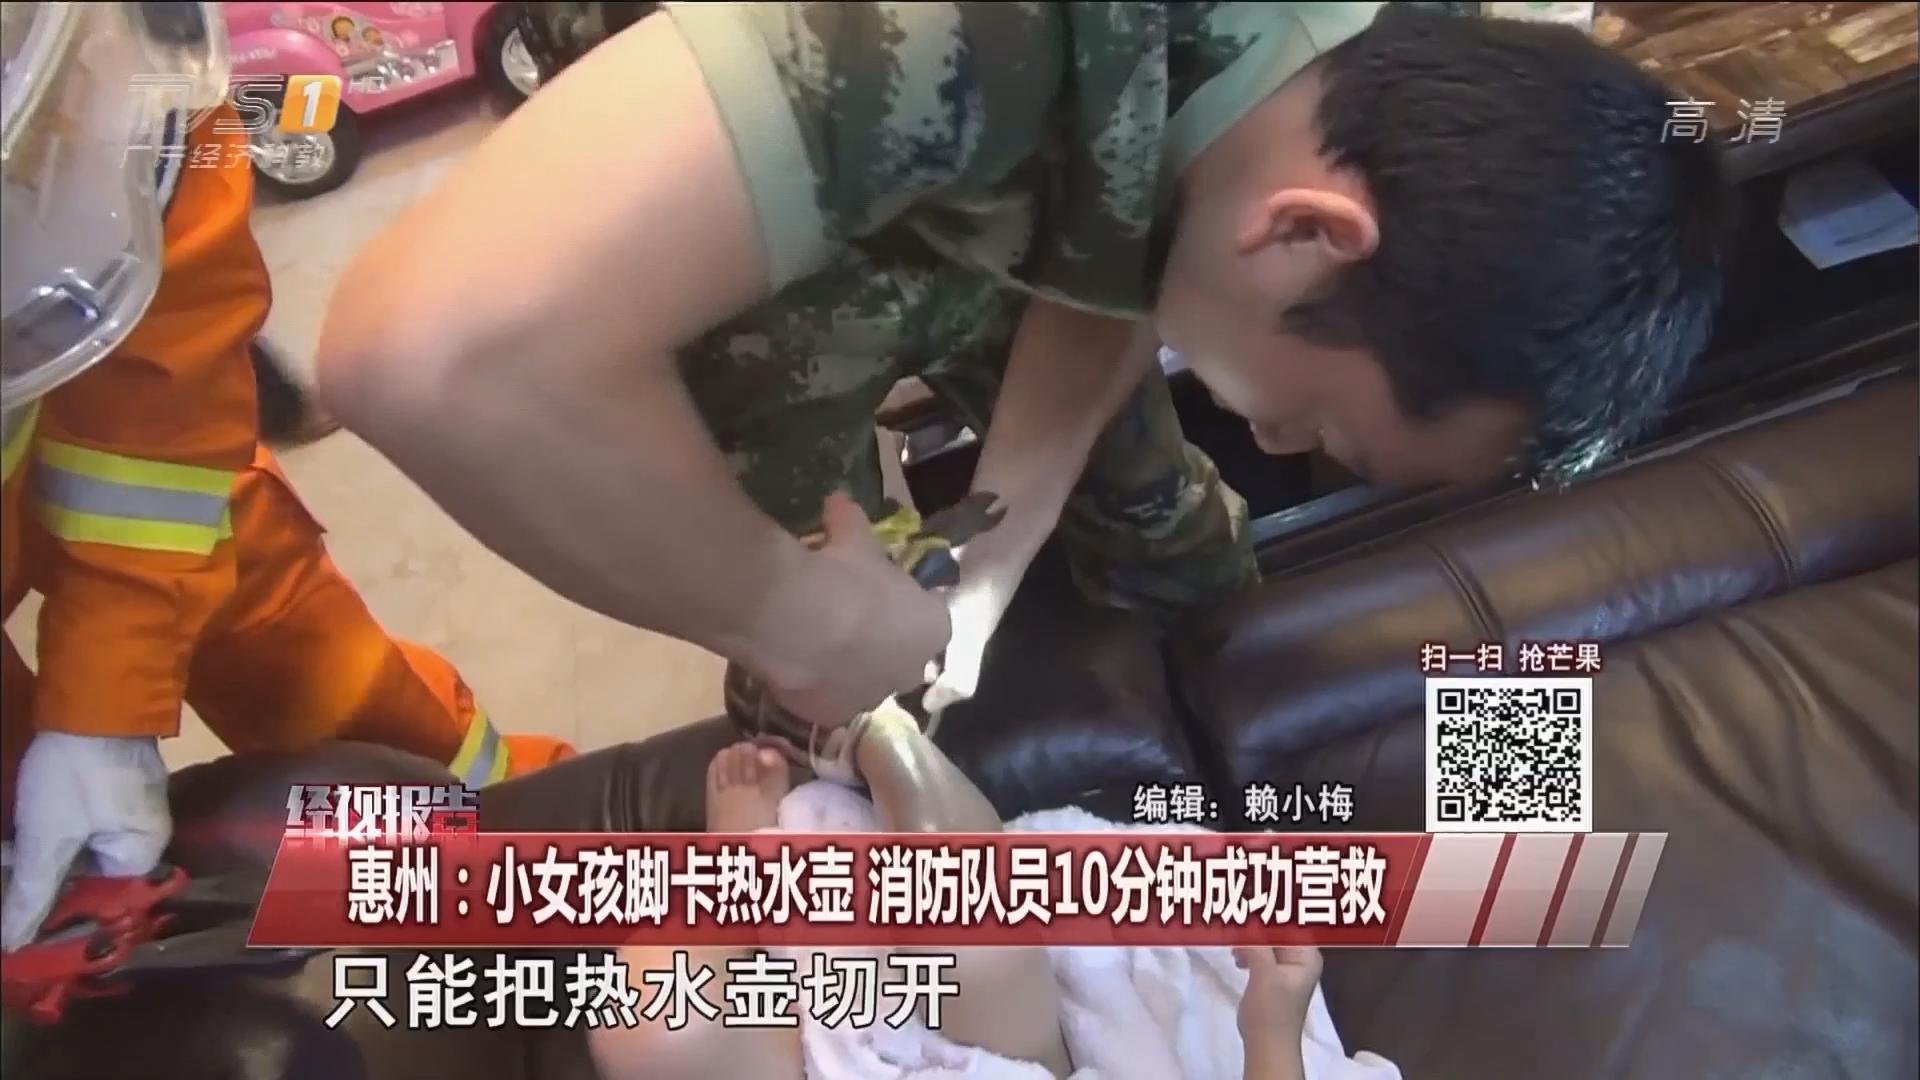 惠州:小女孩脚卡热水壶 消防队员10分钟成功营救